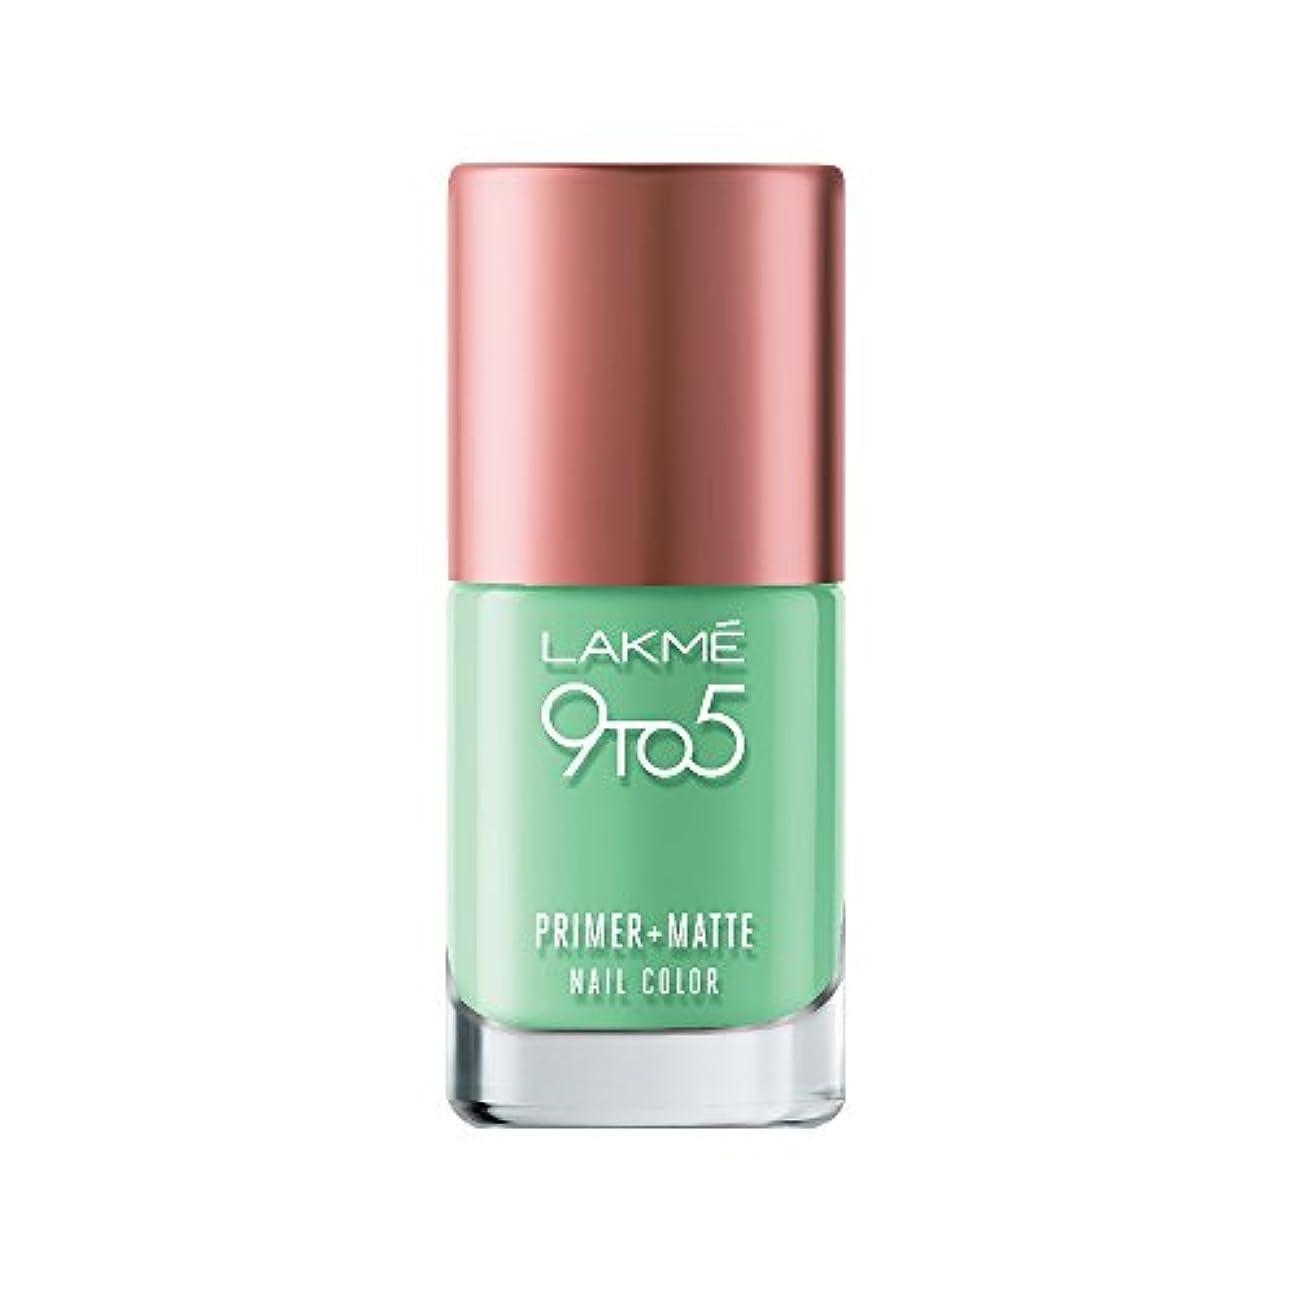 間隔ドット保安Lakme 9 to 5 Primer and Matte Nail Color, Green, 9ml